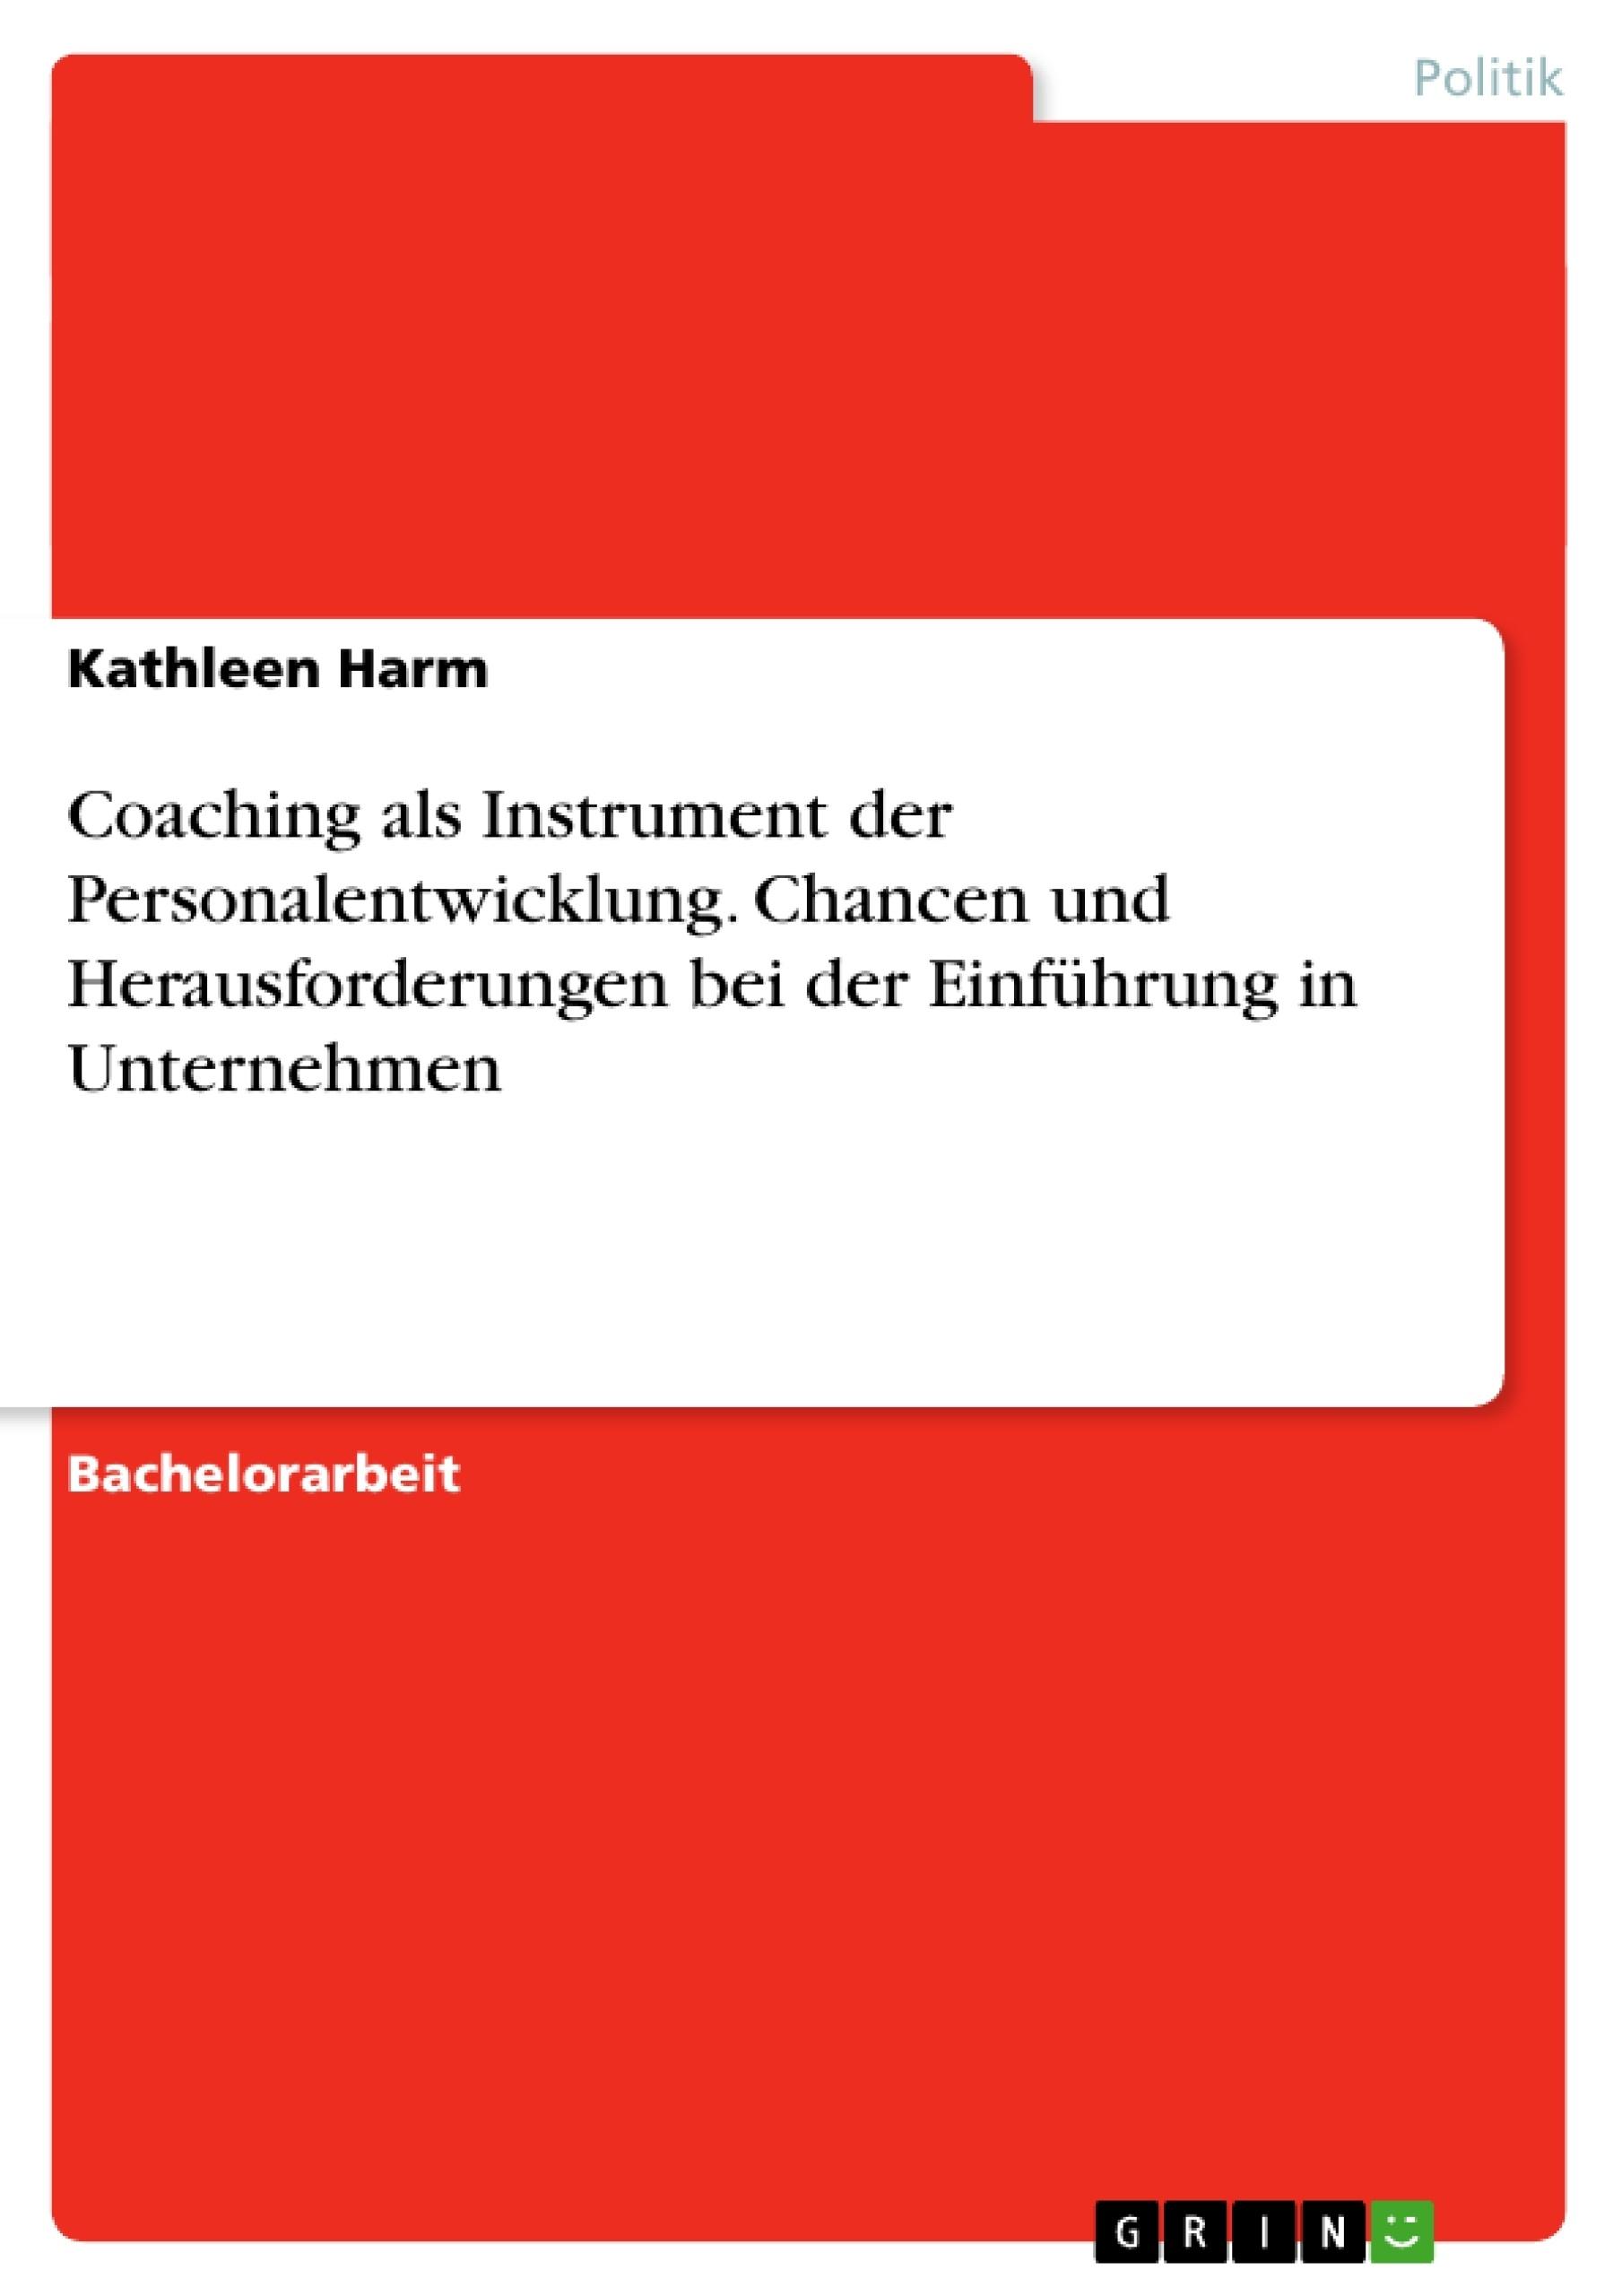 Titel: Coaching als Instrument der Personalentwicklung. Chancen und Herausforderungen bei der Einführung in Unternehmen